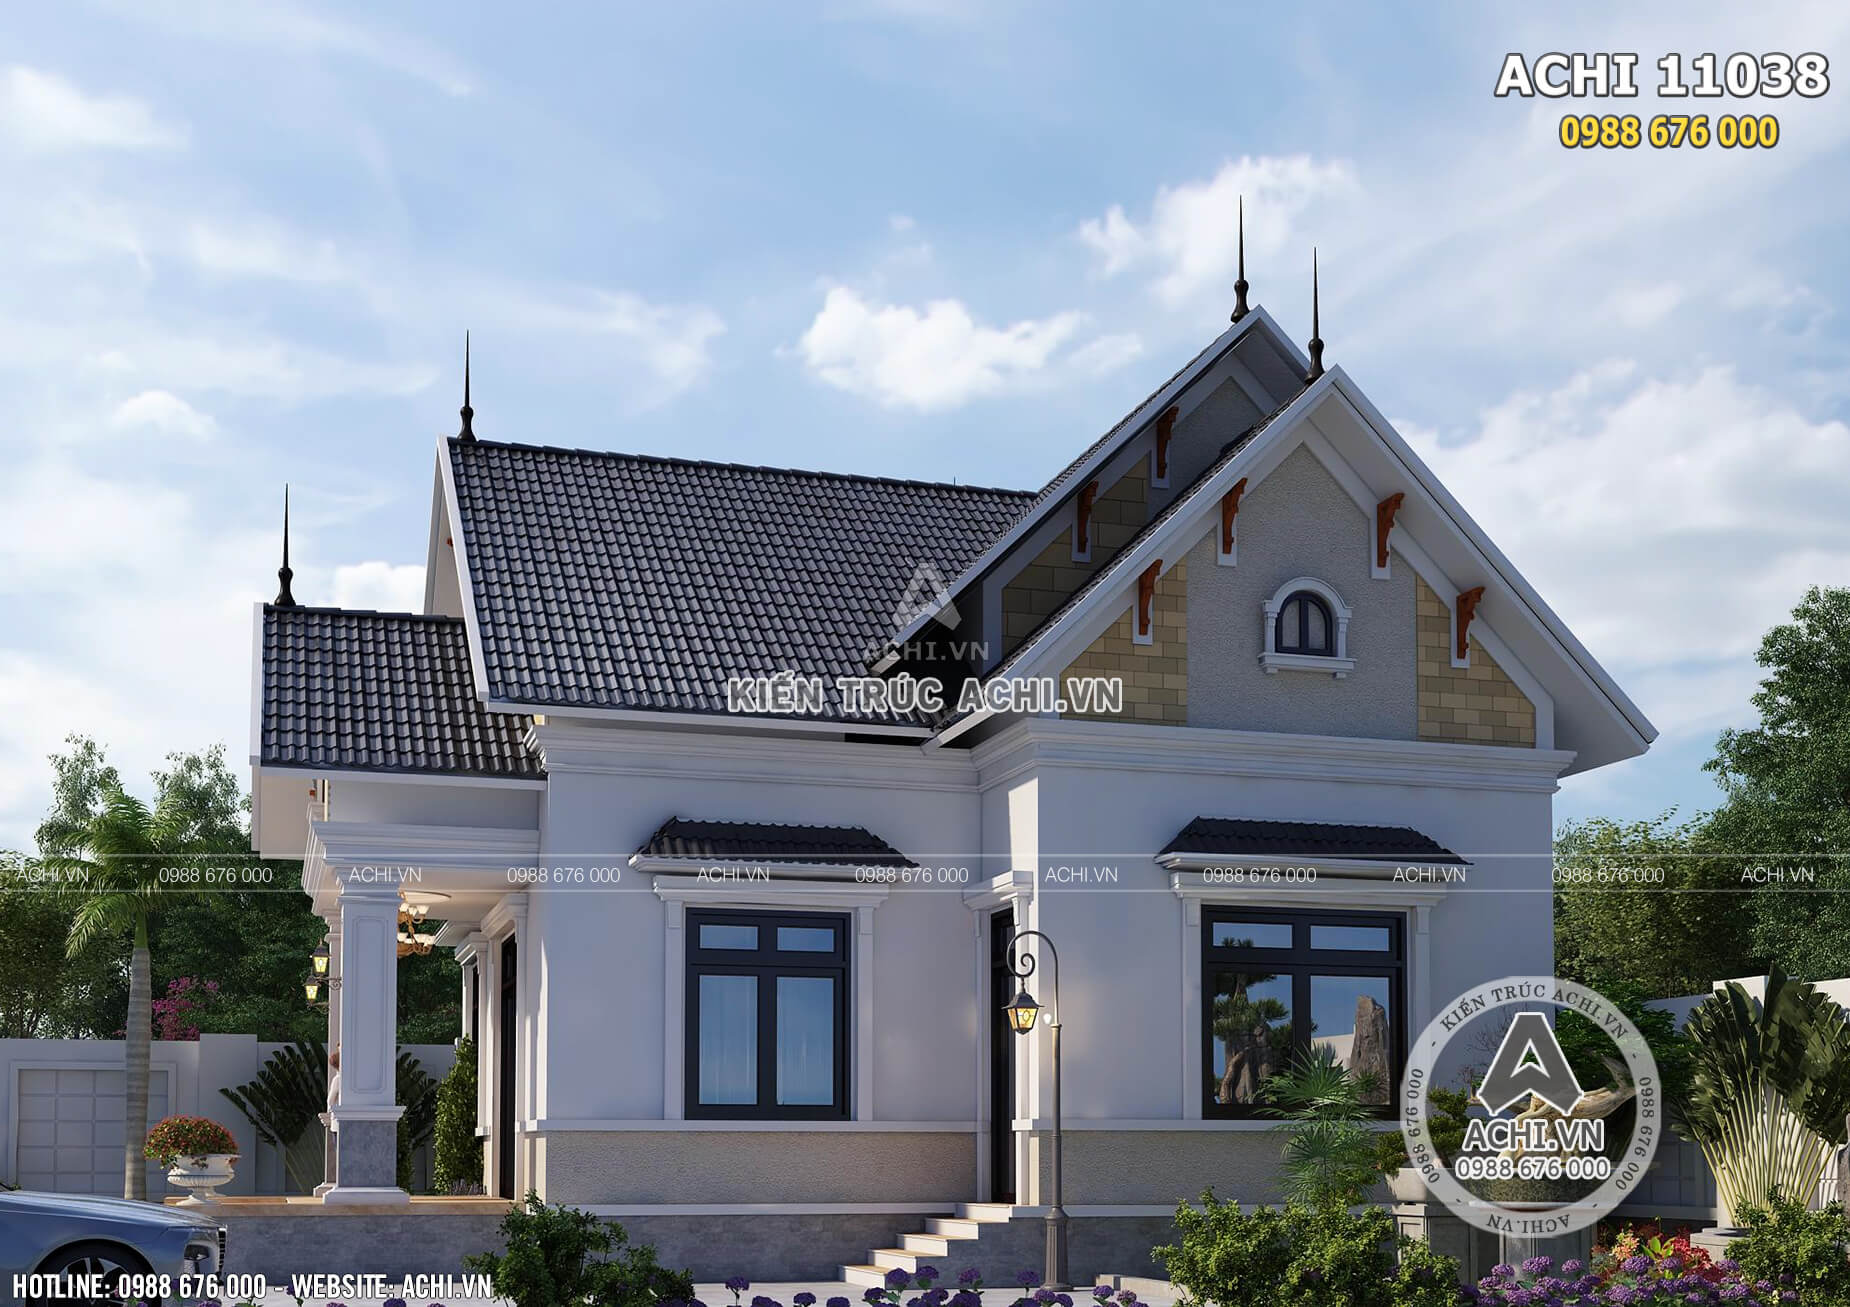 Biệt thự 1 tầng mái Thái đẹp tại Cao Bằng khiến bạn không thể rời mắt